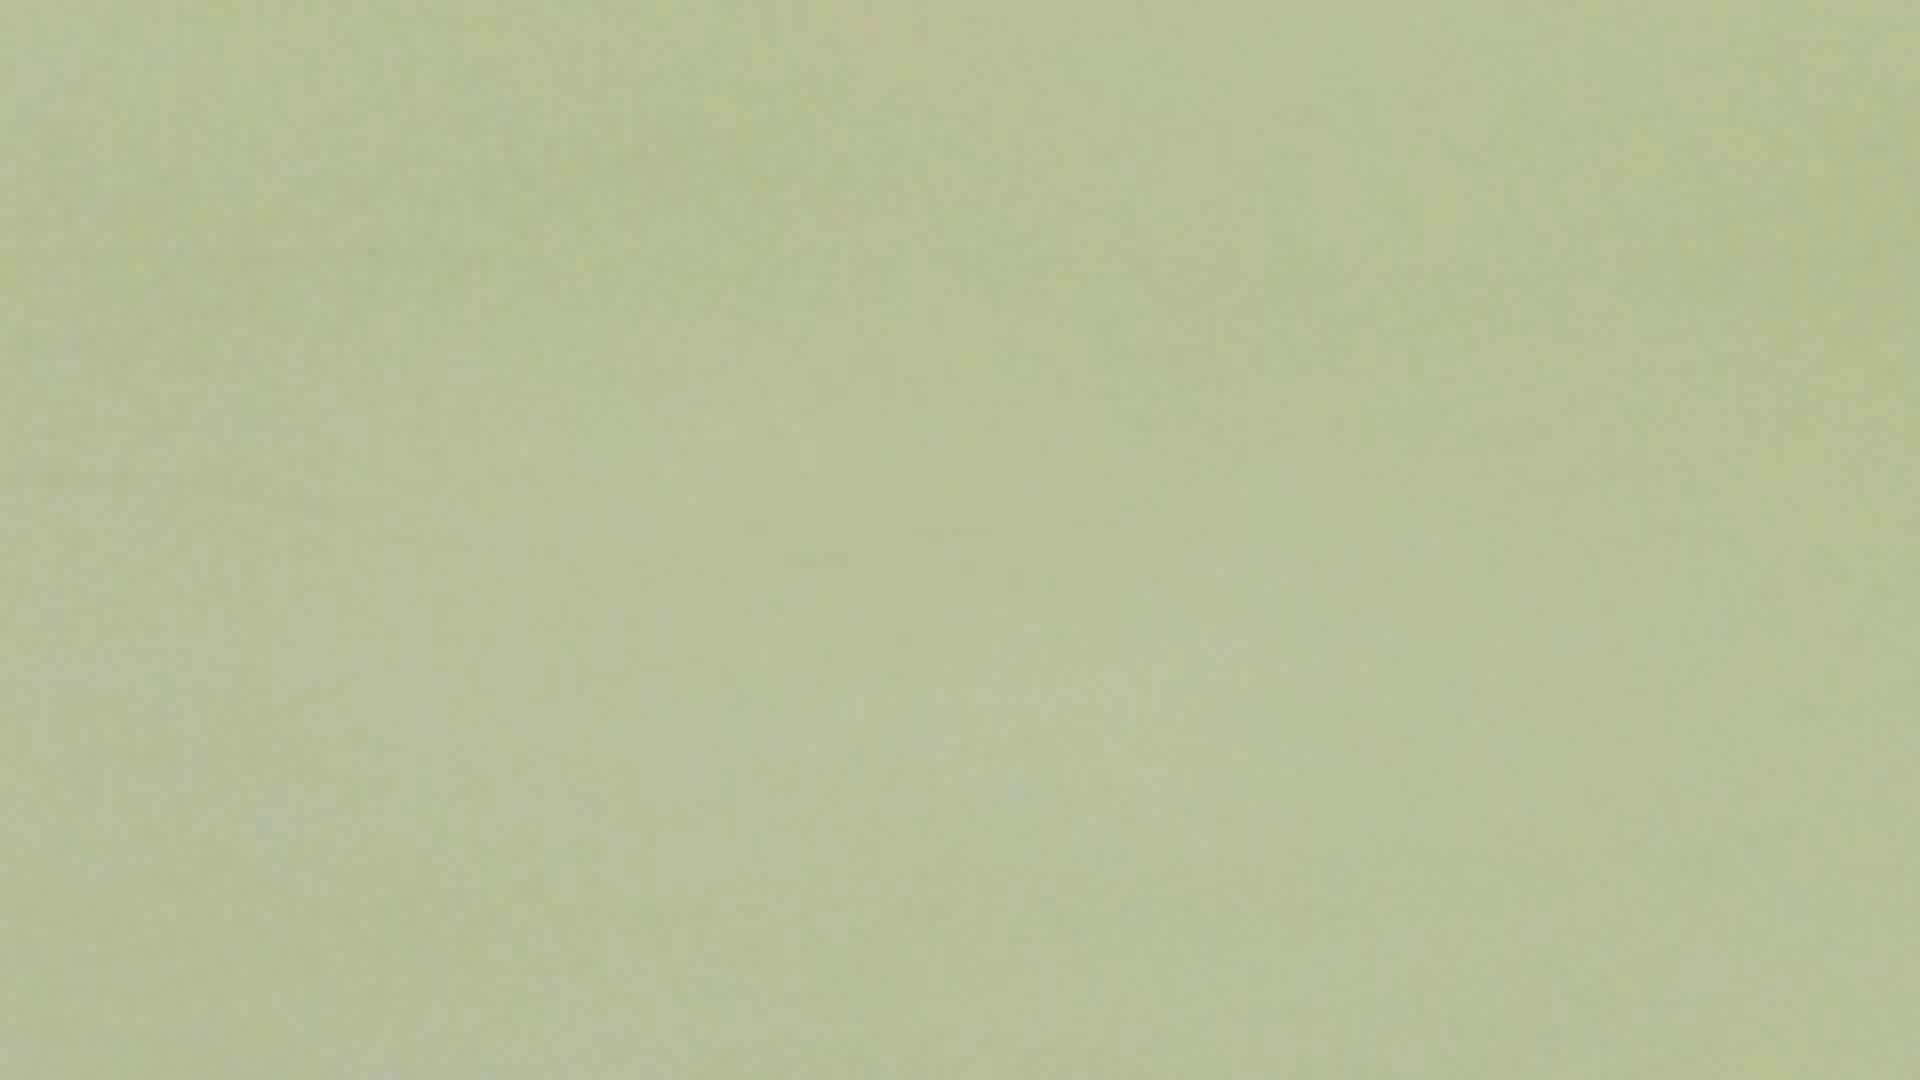 【美しき個室な世界】 vol.017 (゜∀゜) OLの実態 | 洗面所  24pic 15